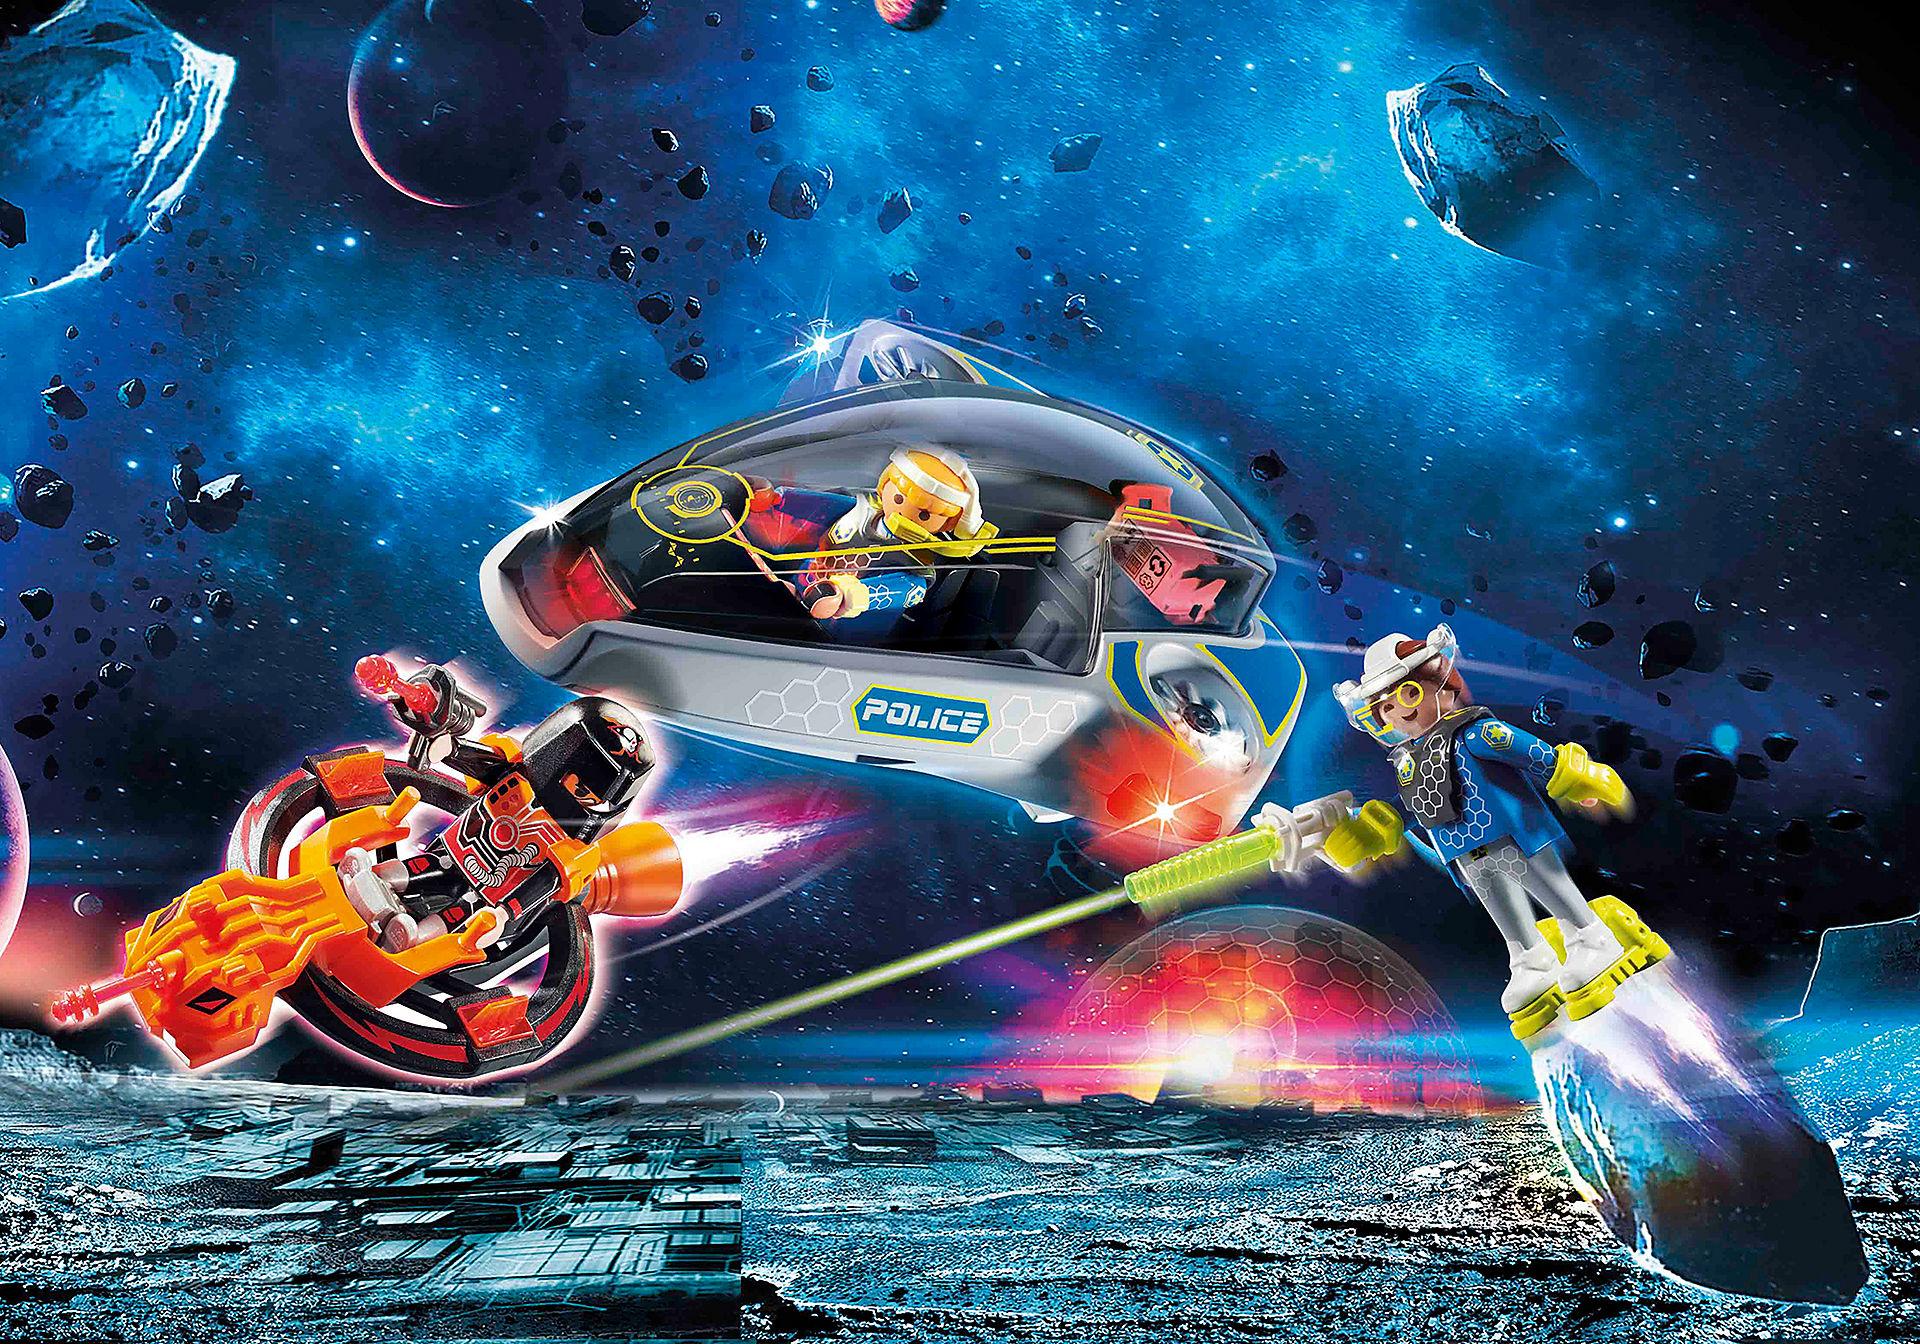 70019 Űrrendőrség - Kisrepülő zoom image1